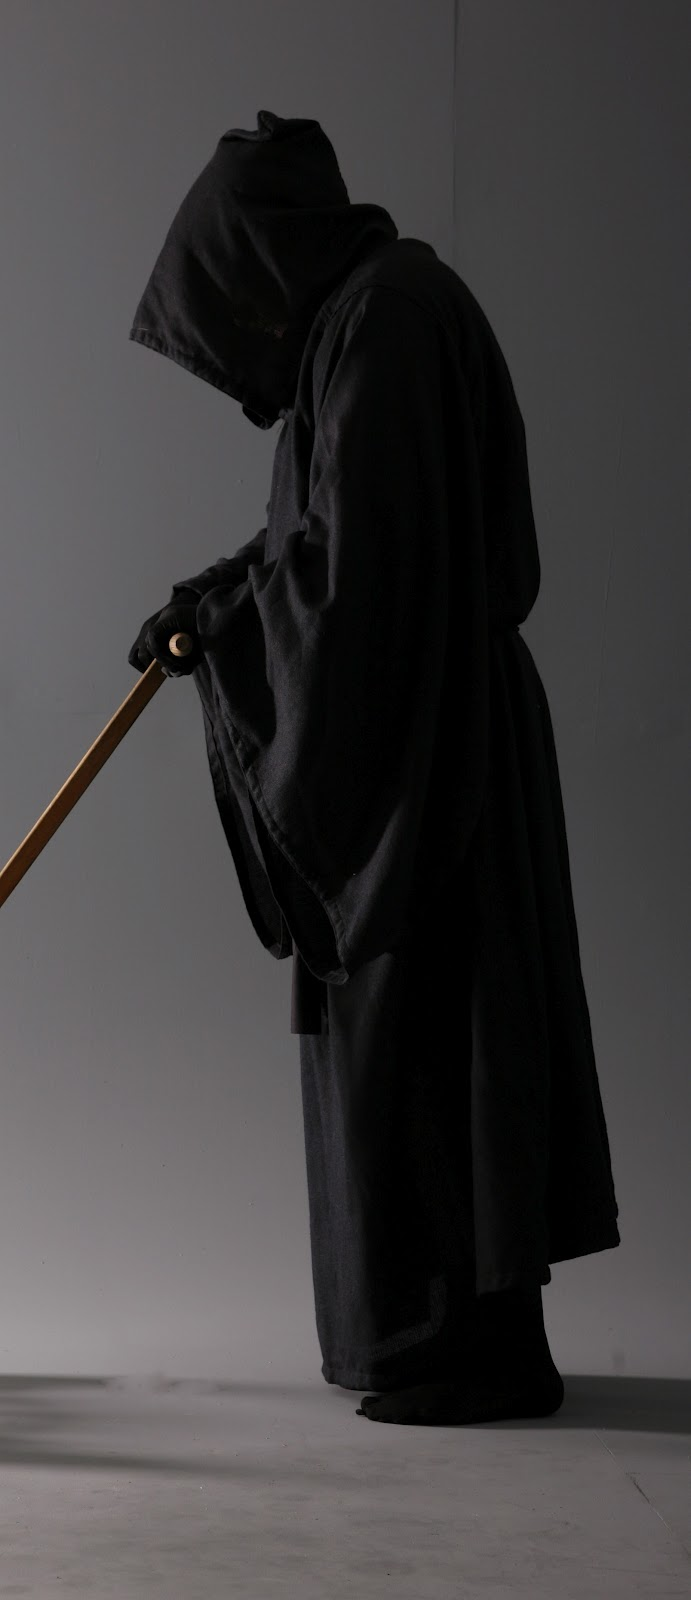 Hombre vestido de negro encapuchado